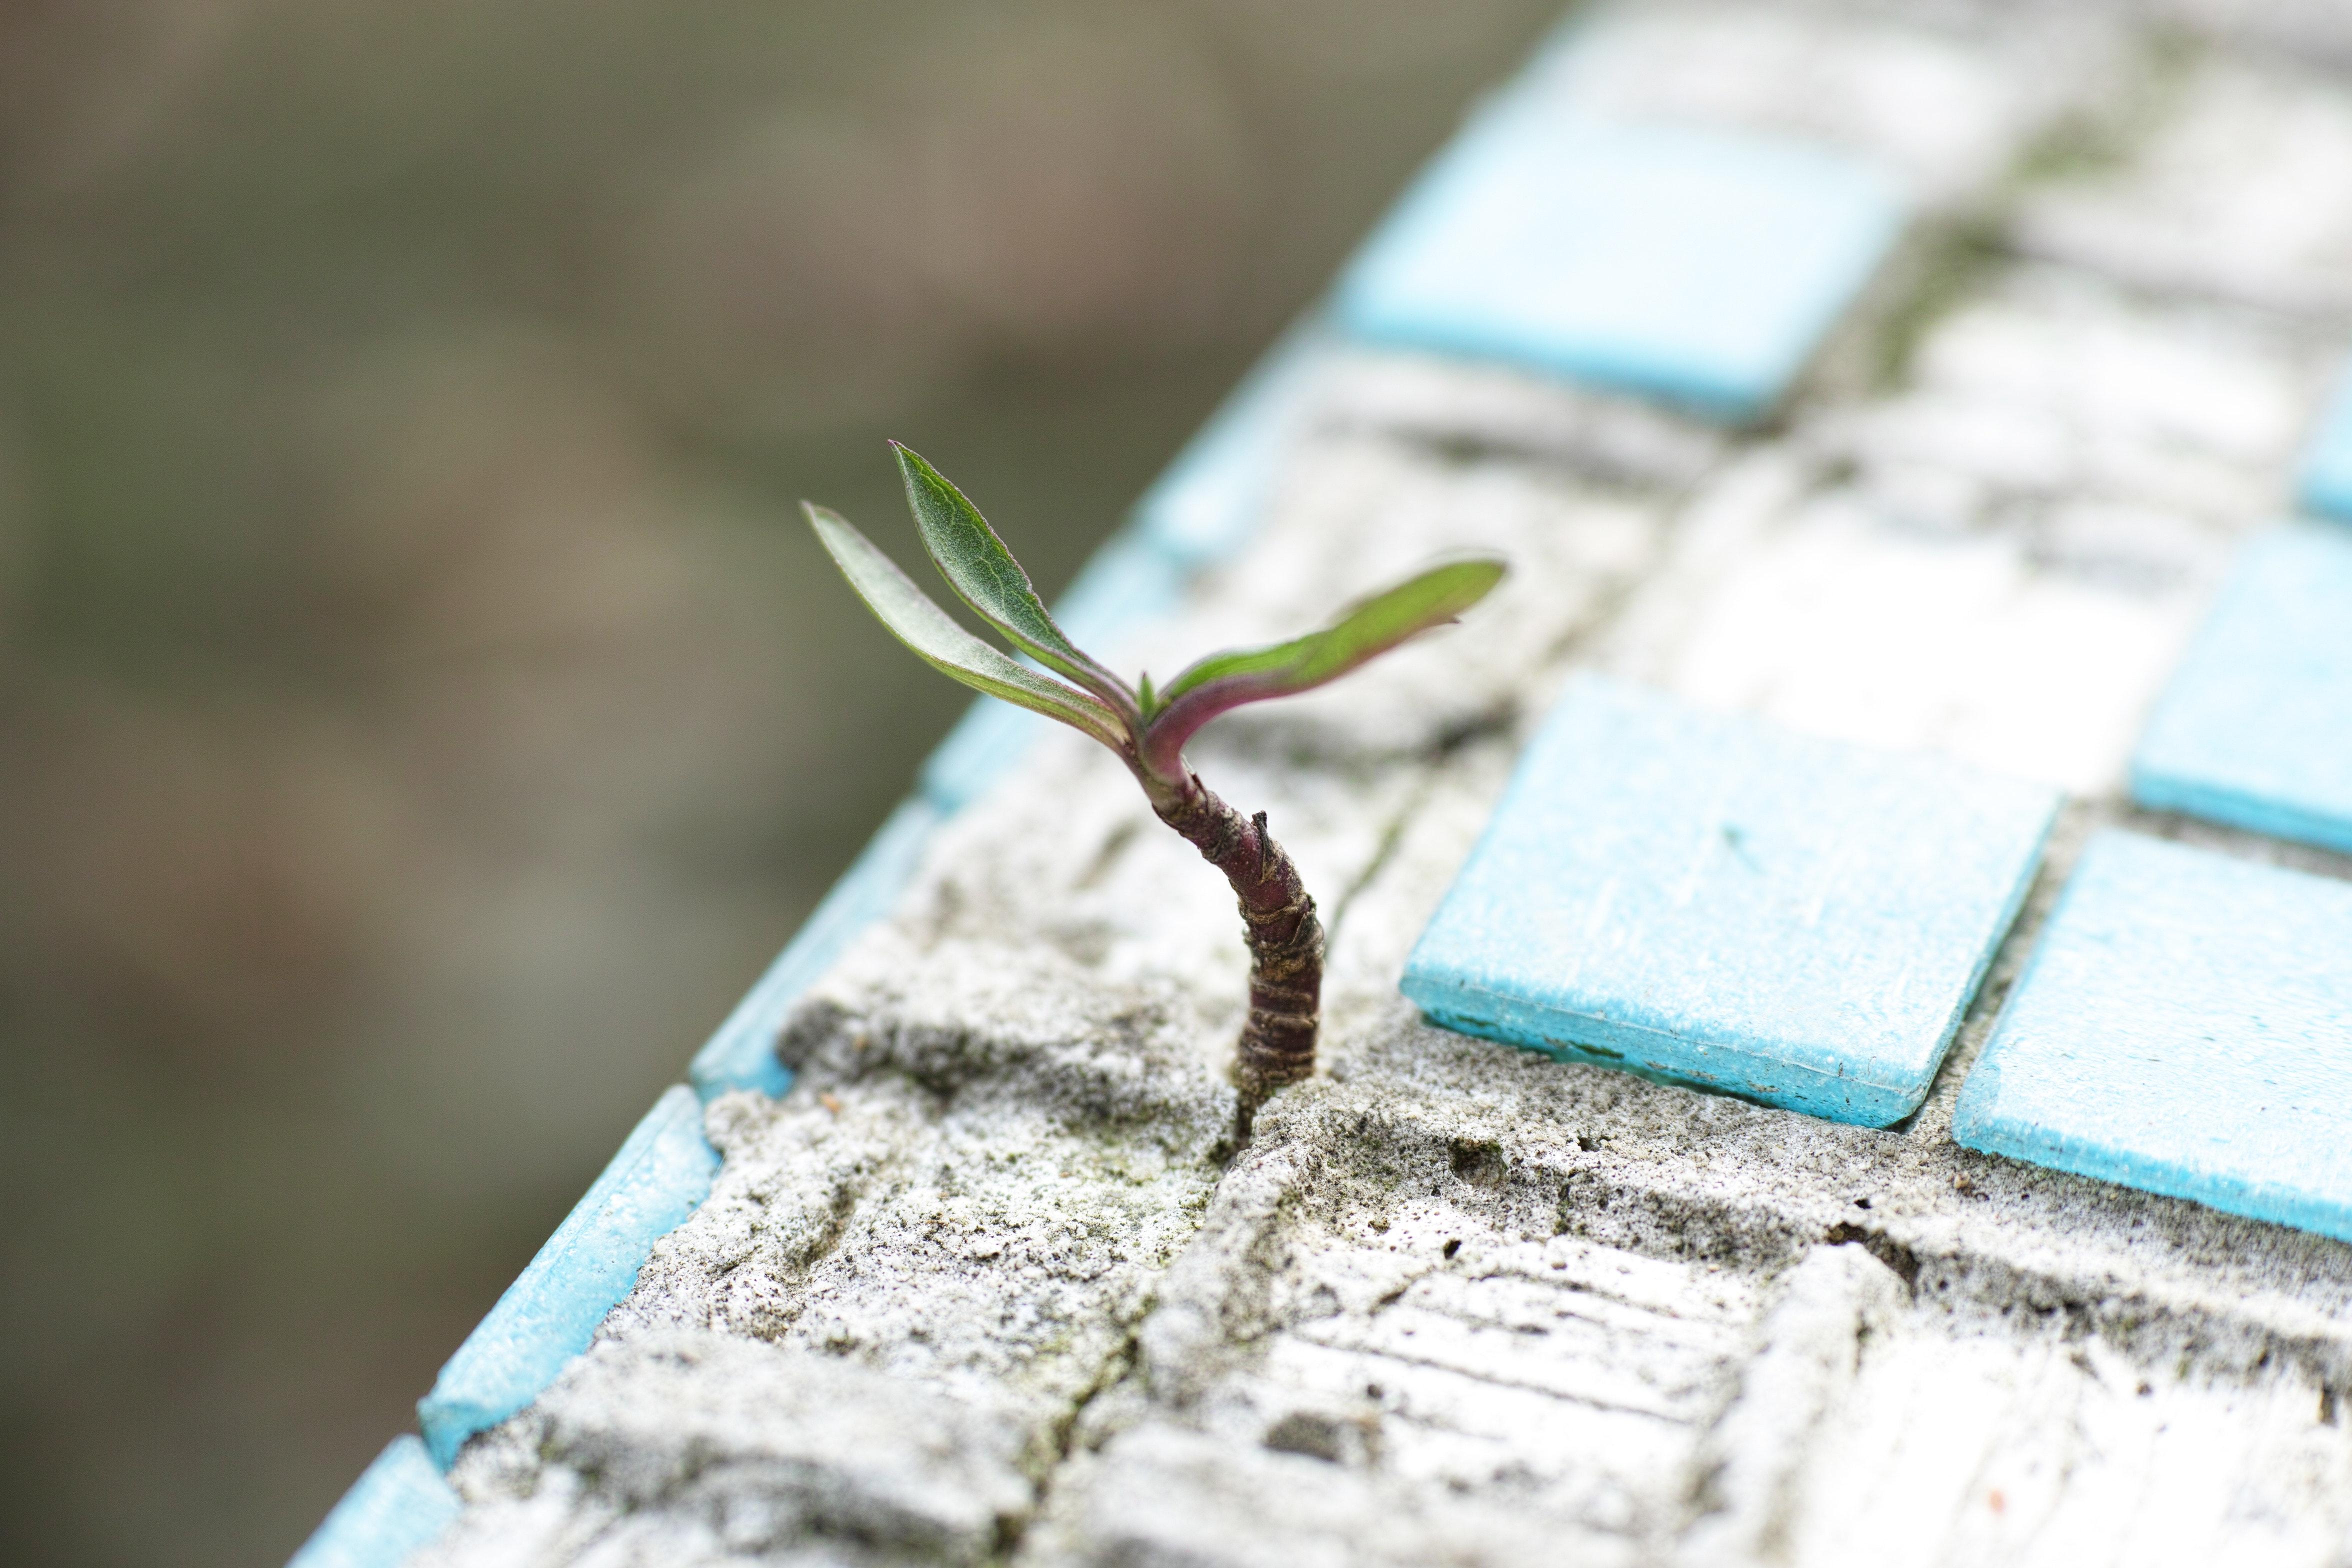 växt tränger sig igenom mosaik